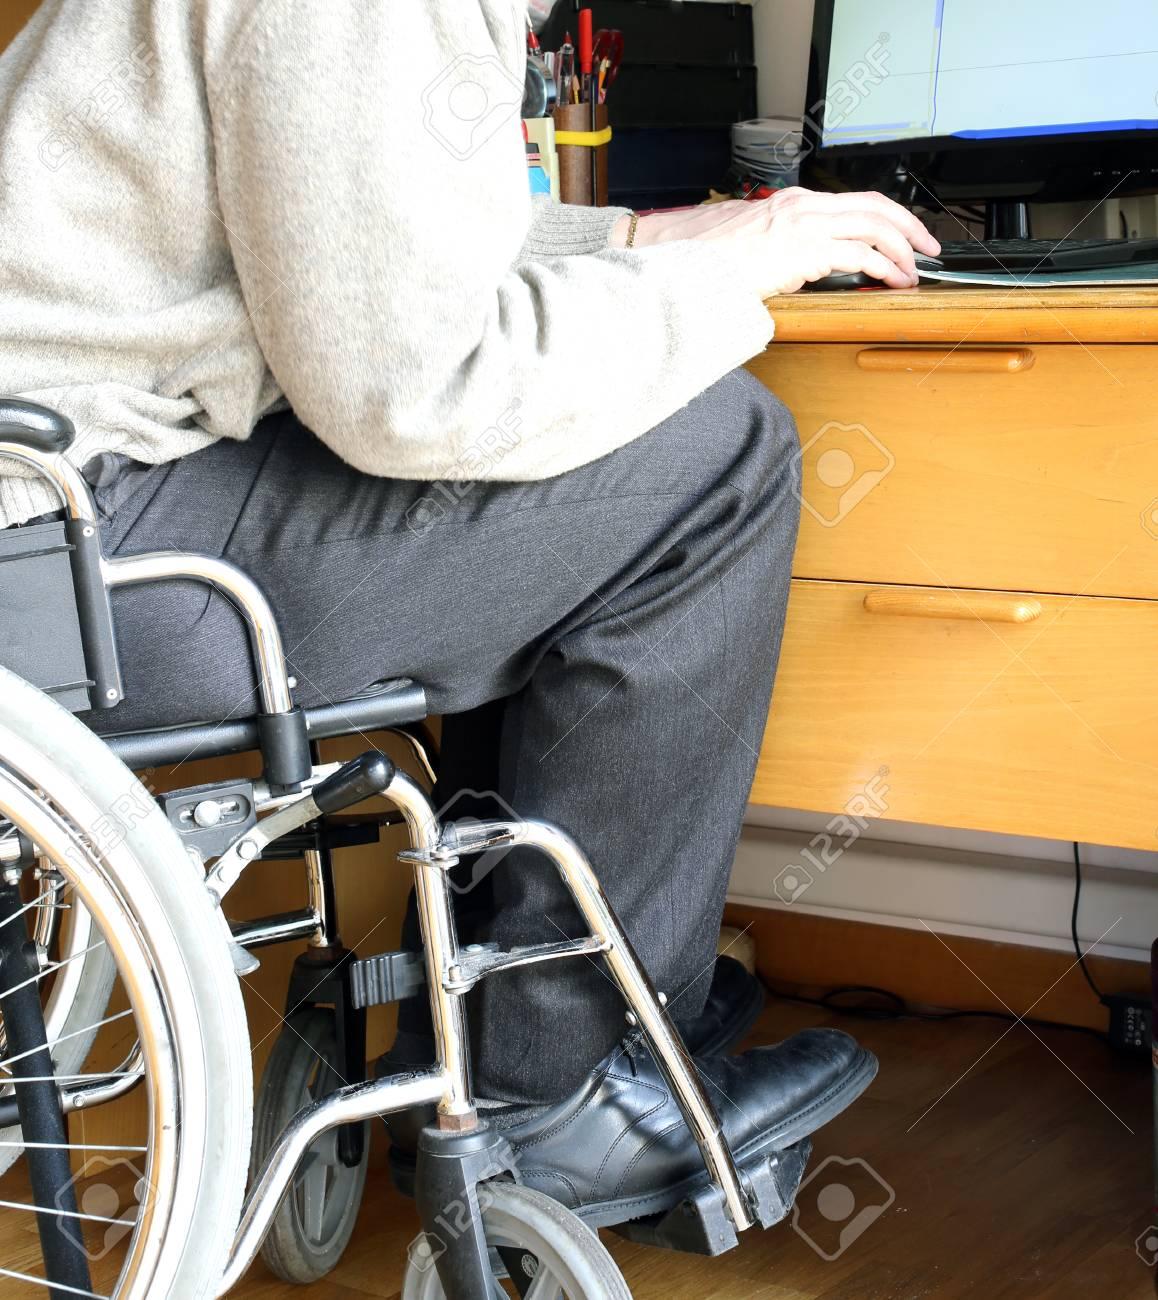 El Persona Ratón Ordenador Ruedas Y Sentada De Una Escritorio Con Silla En Un T1Fc3KlJ